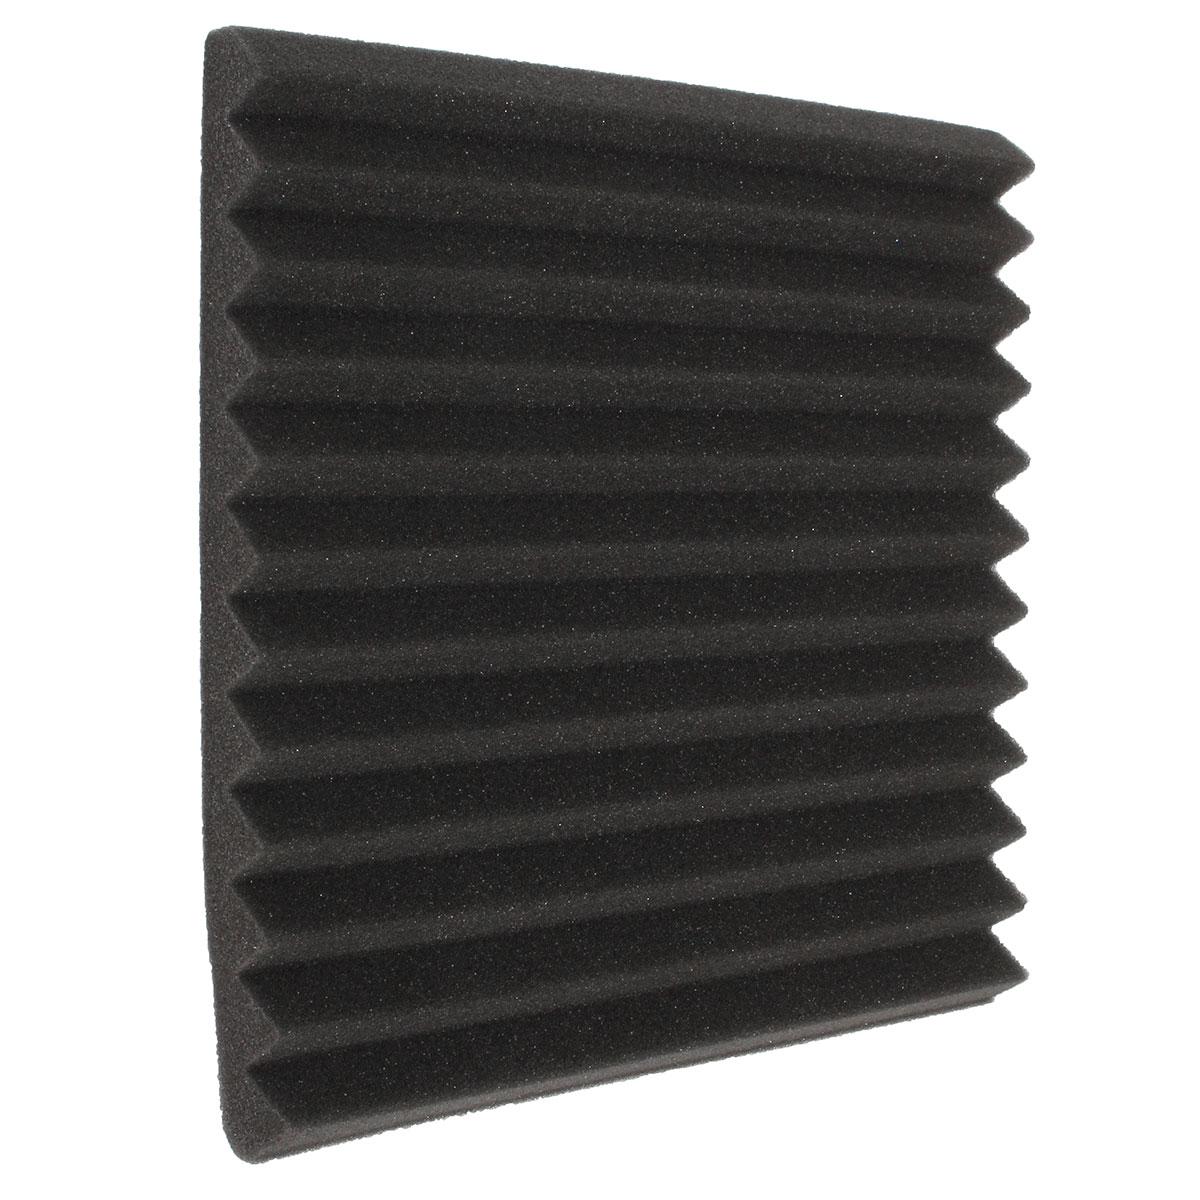 achetez en gros panneaux de mousse acoustique en ligne des grossistes panneaux de mousse. Black Bedroom Furniture Sets. Home Design Ideas